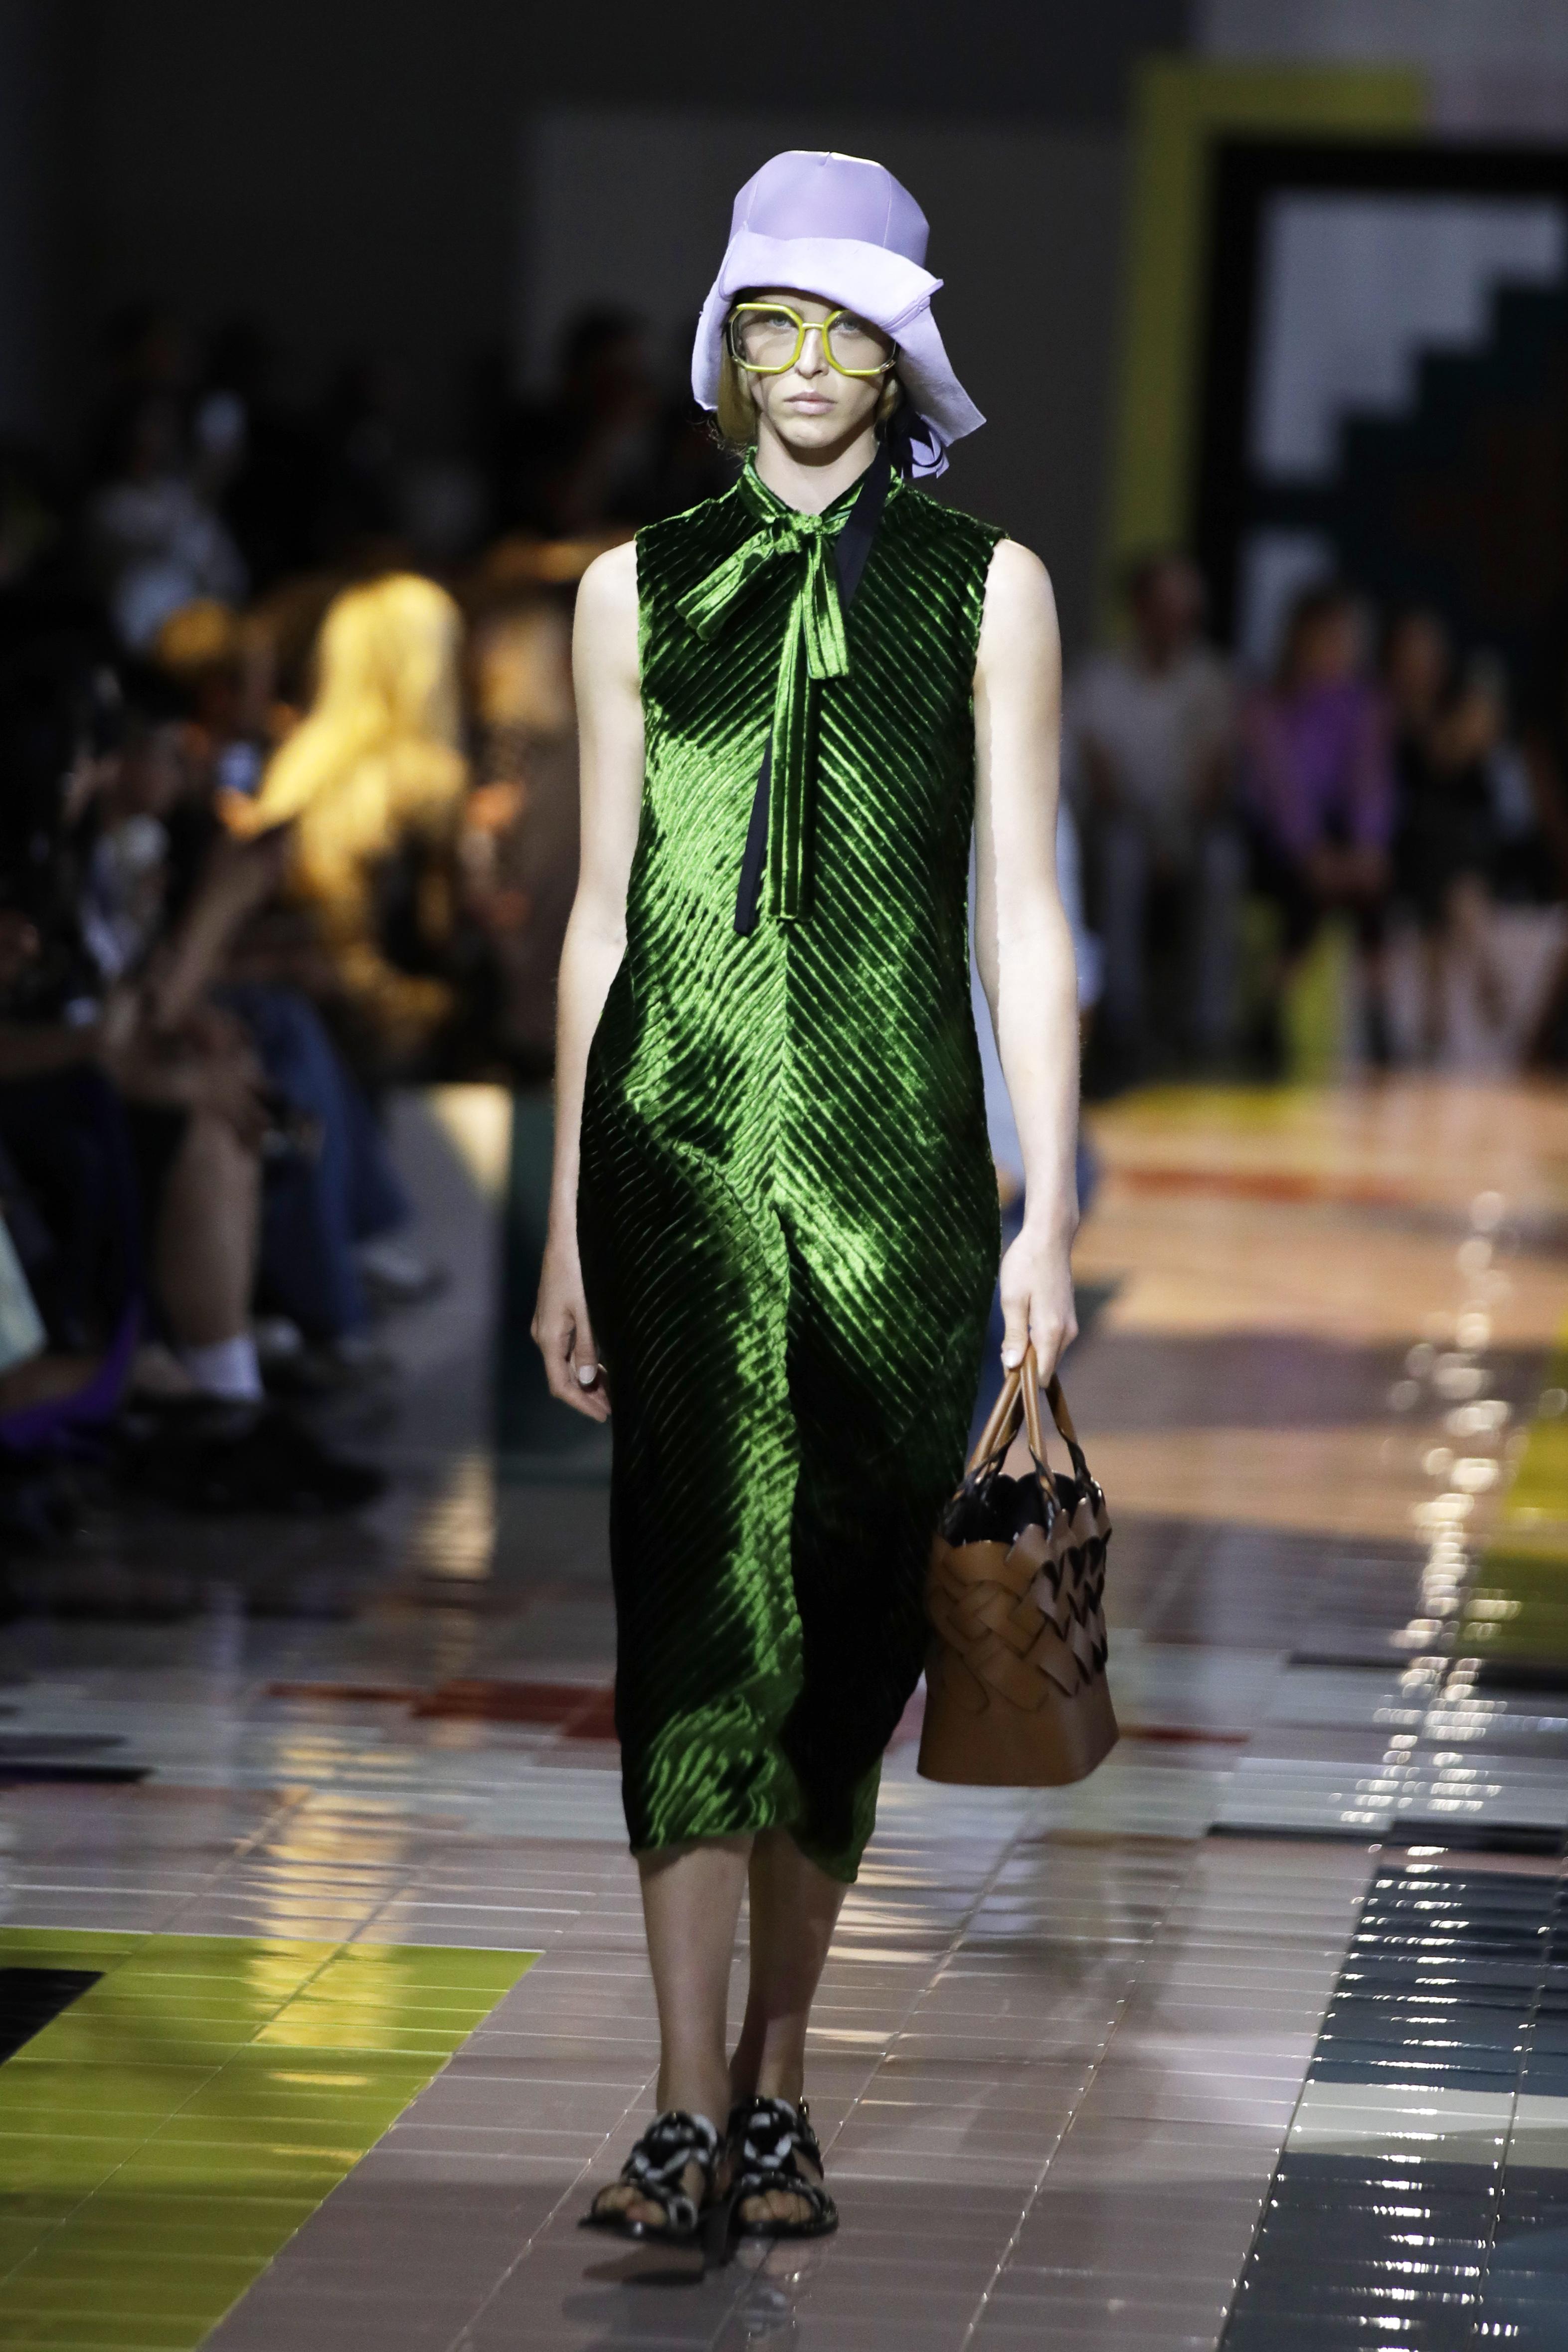 La diseñadora aprovechó los tejidos para confeccionar prendas en las que ha introducido pequeños cambios, que crean un nuevo estilo. (AP)